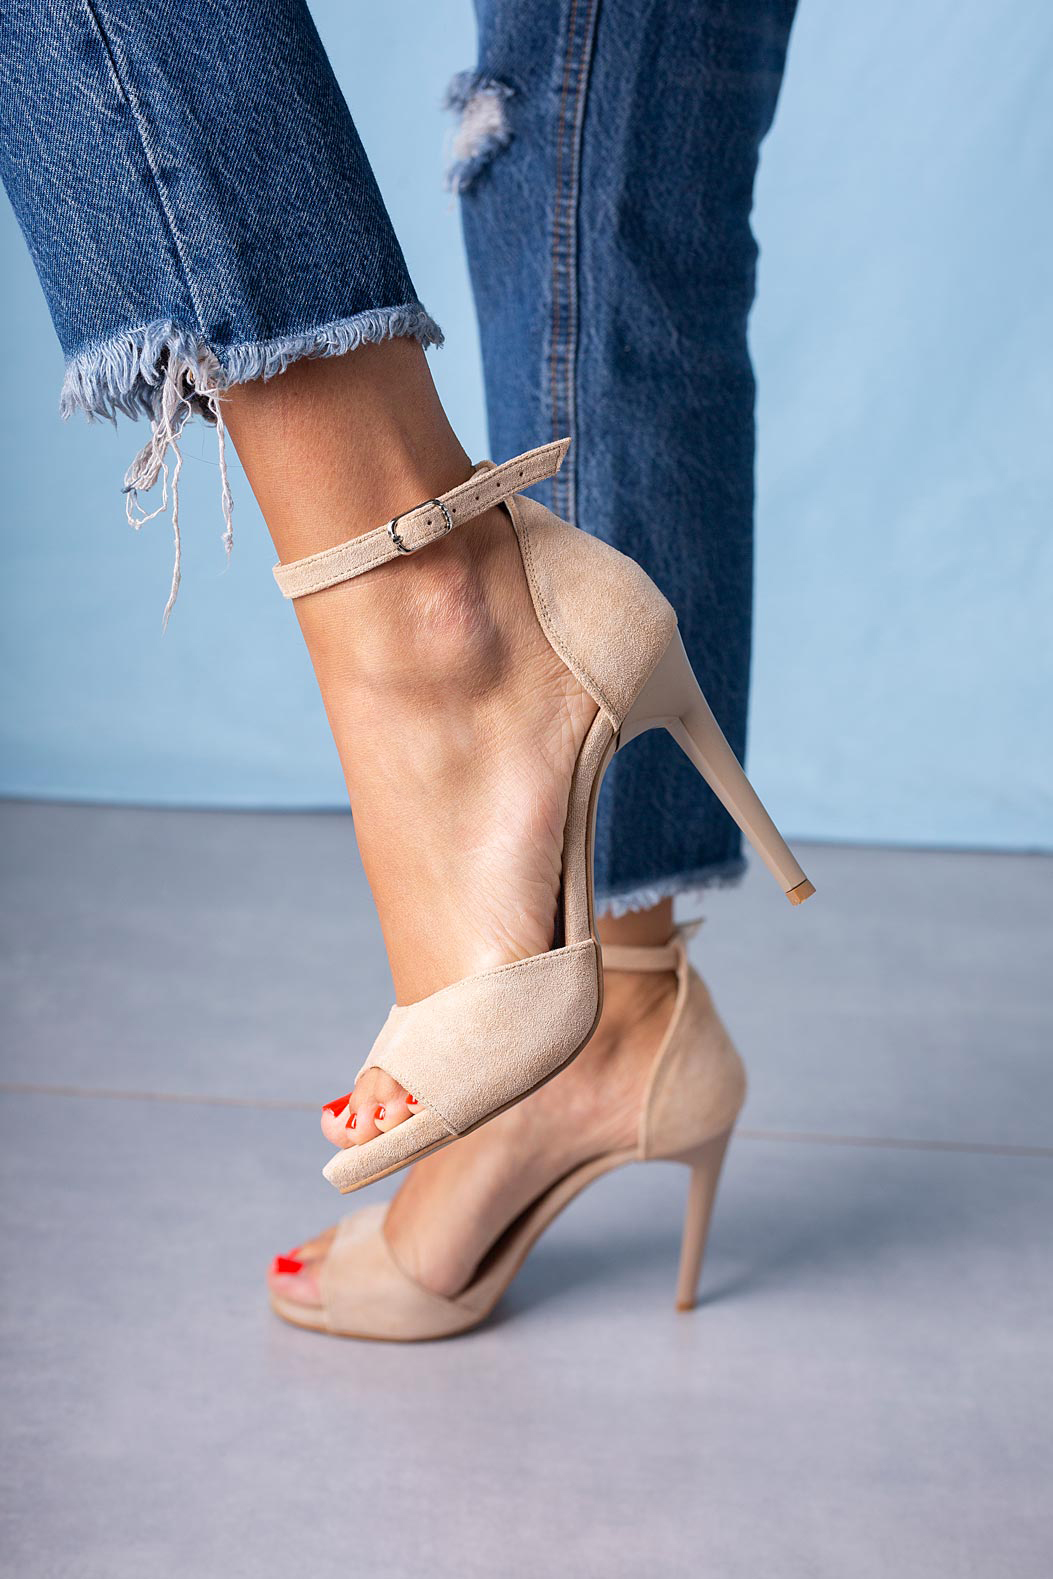 Beżowe sandały szpilki z zakrytą piętą i paskiem wokół kostki Casu 1590/1 producent Casu